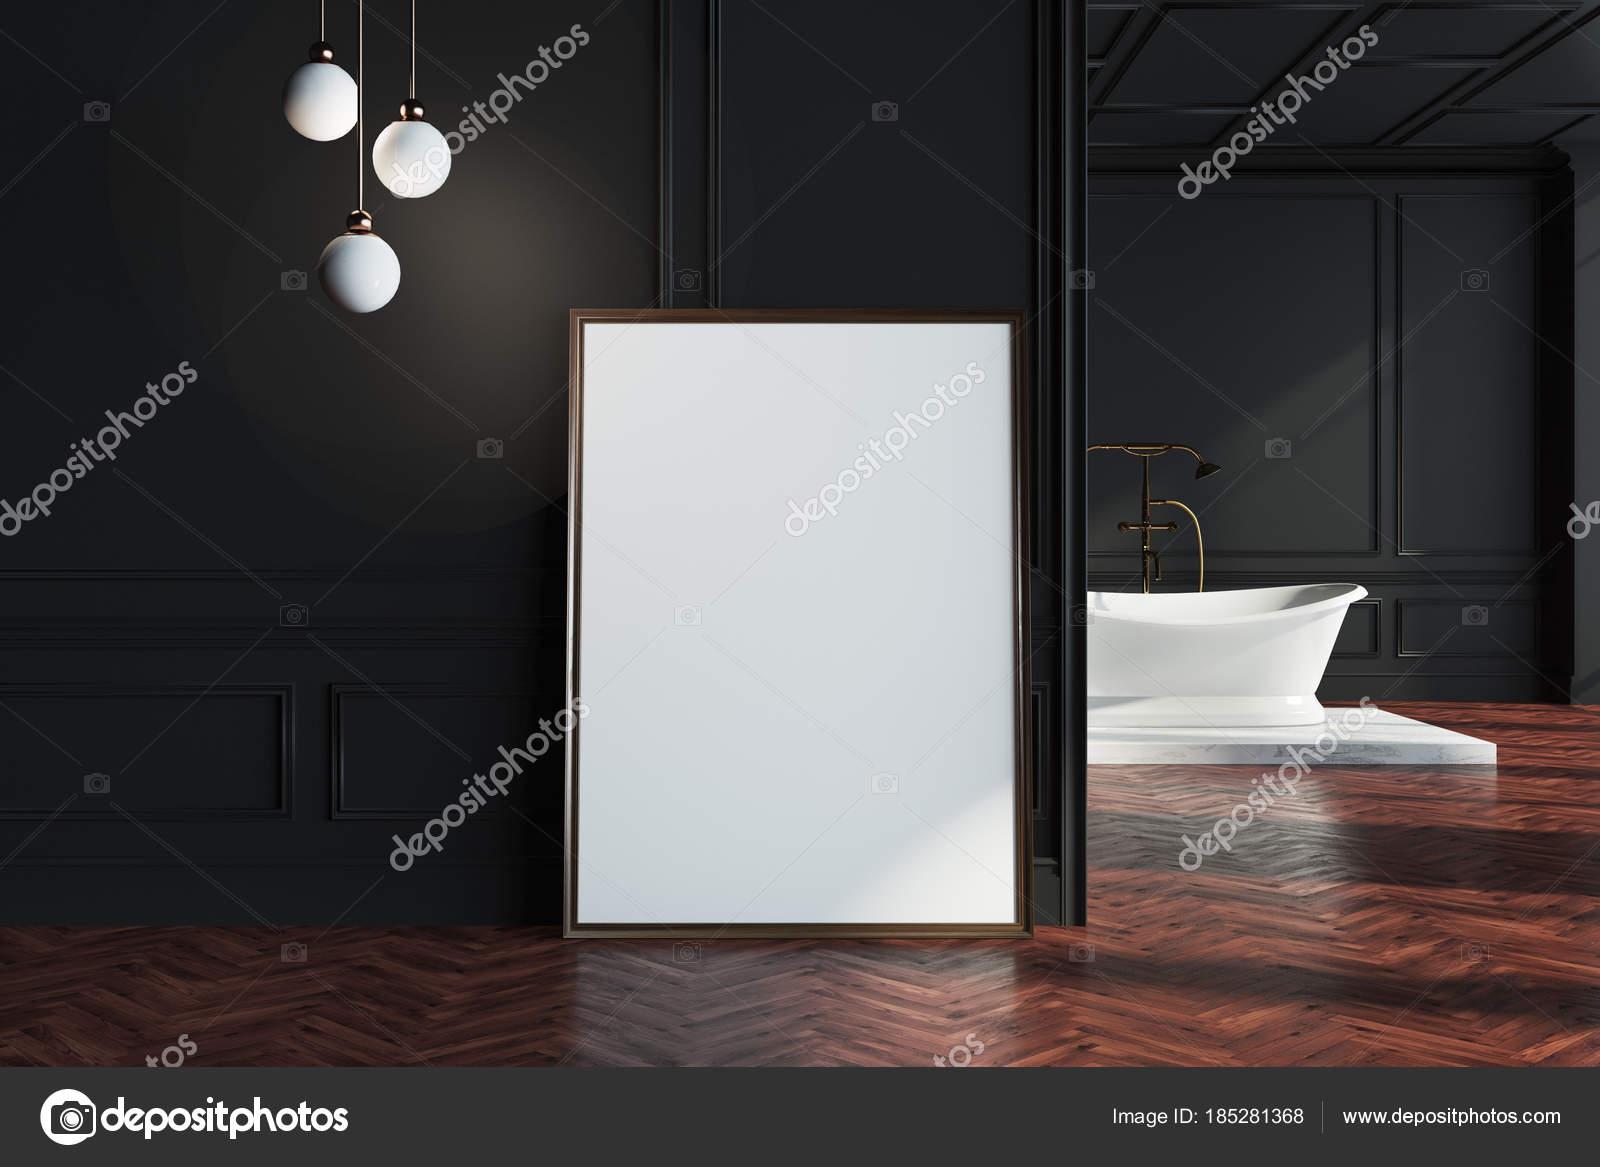 Salle De Bain D'Exposition Vente ~ Salle De Bain Mur Noir Affiche Pr S Du Mur Photographie